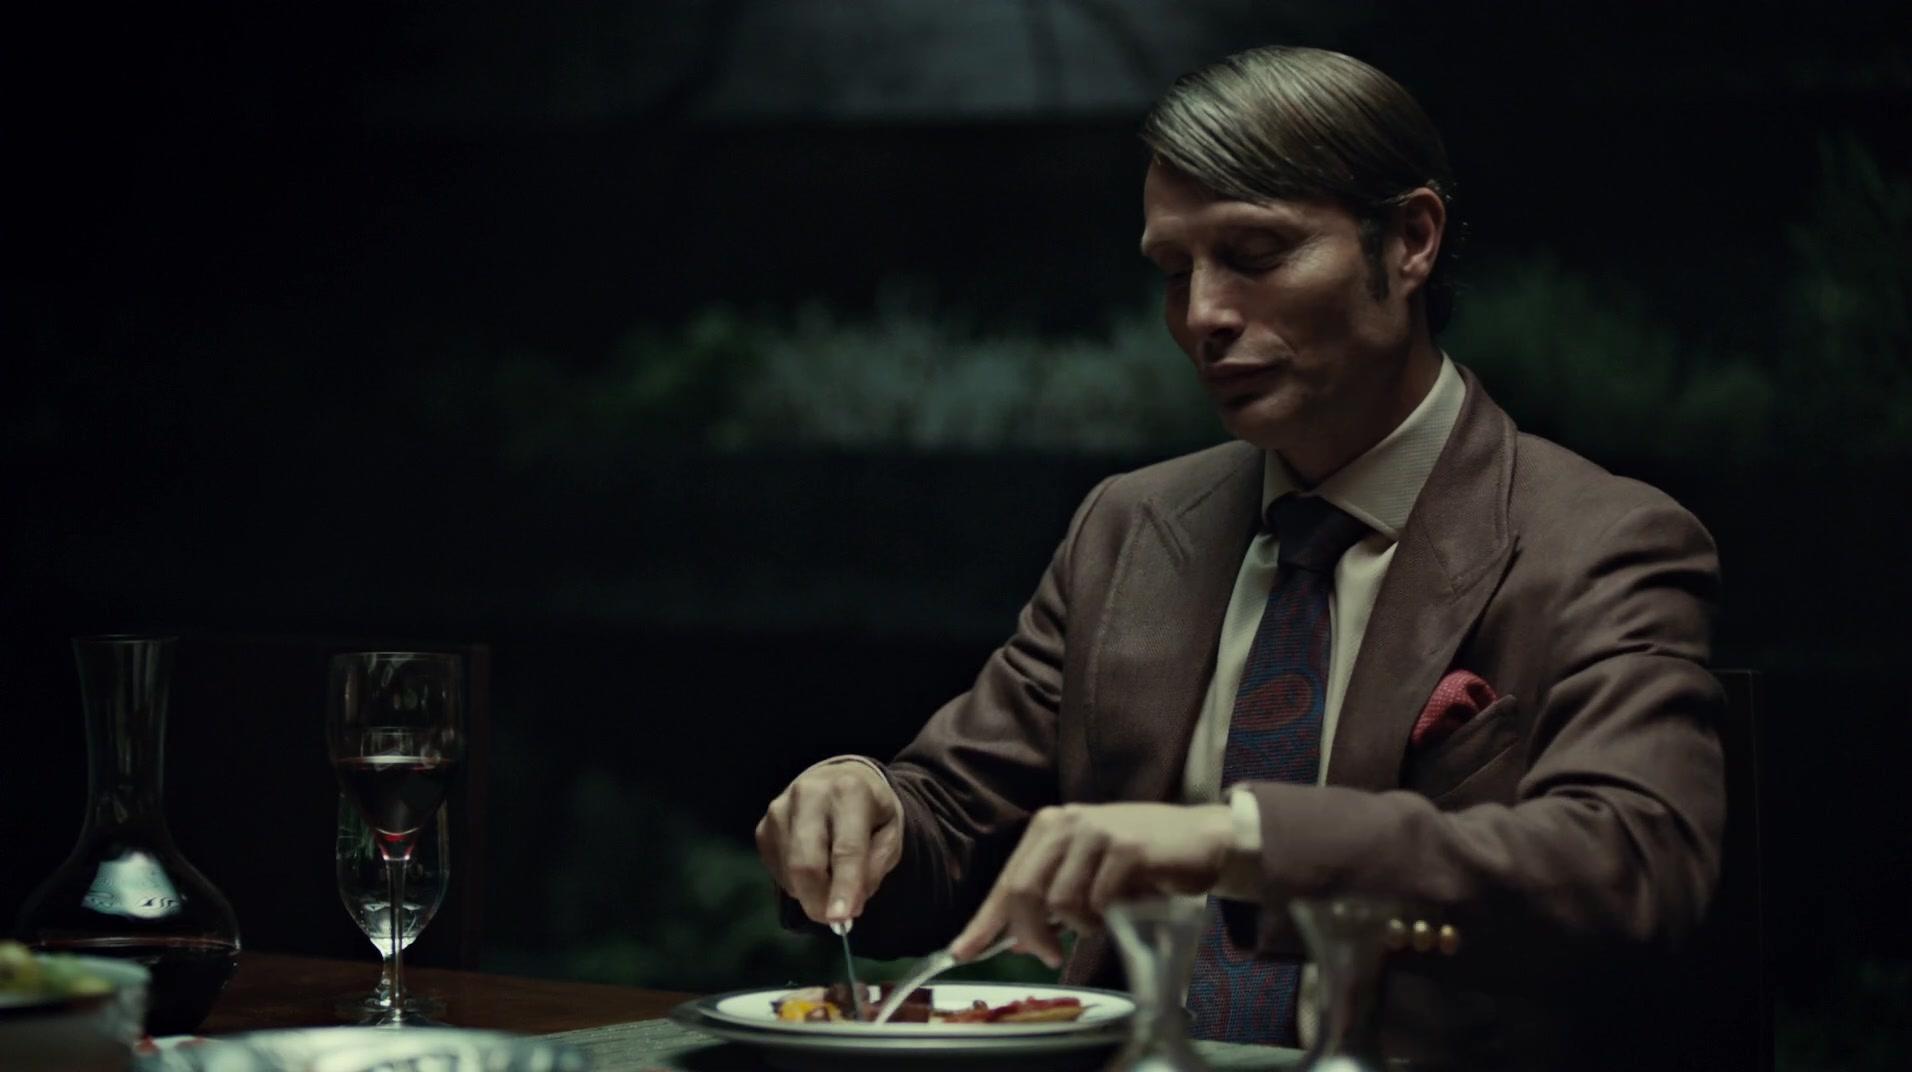 نتيجة بحث الصور عن Hannibal